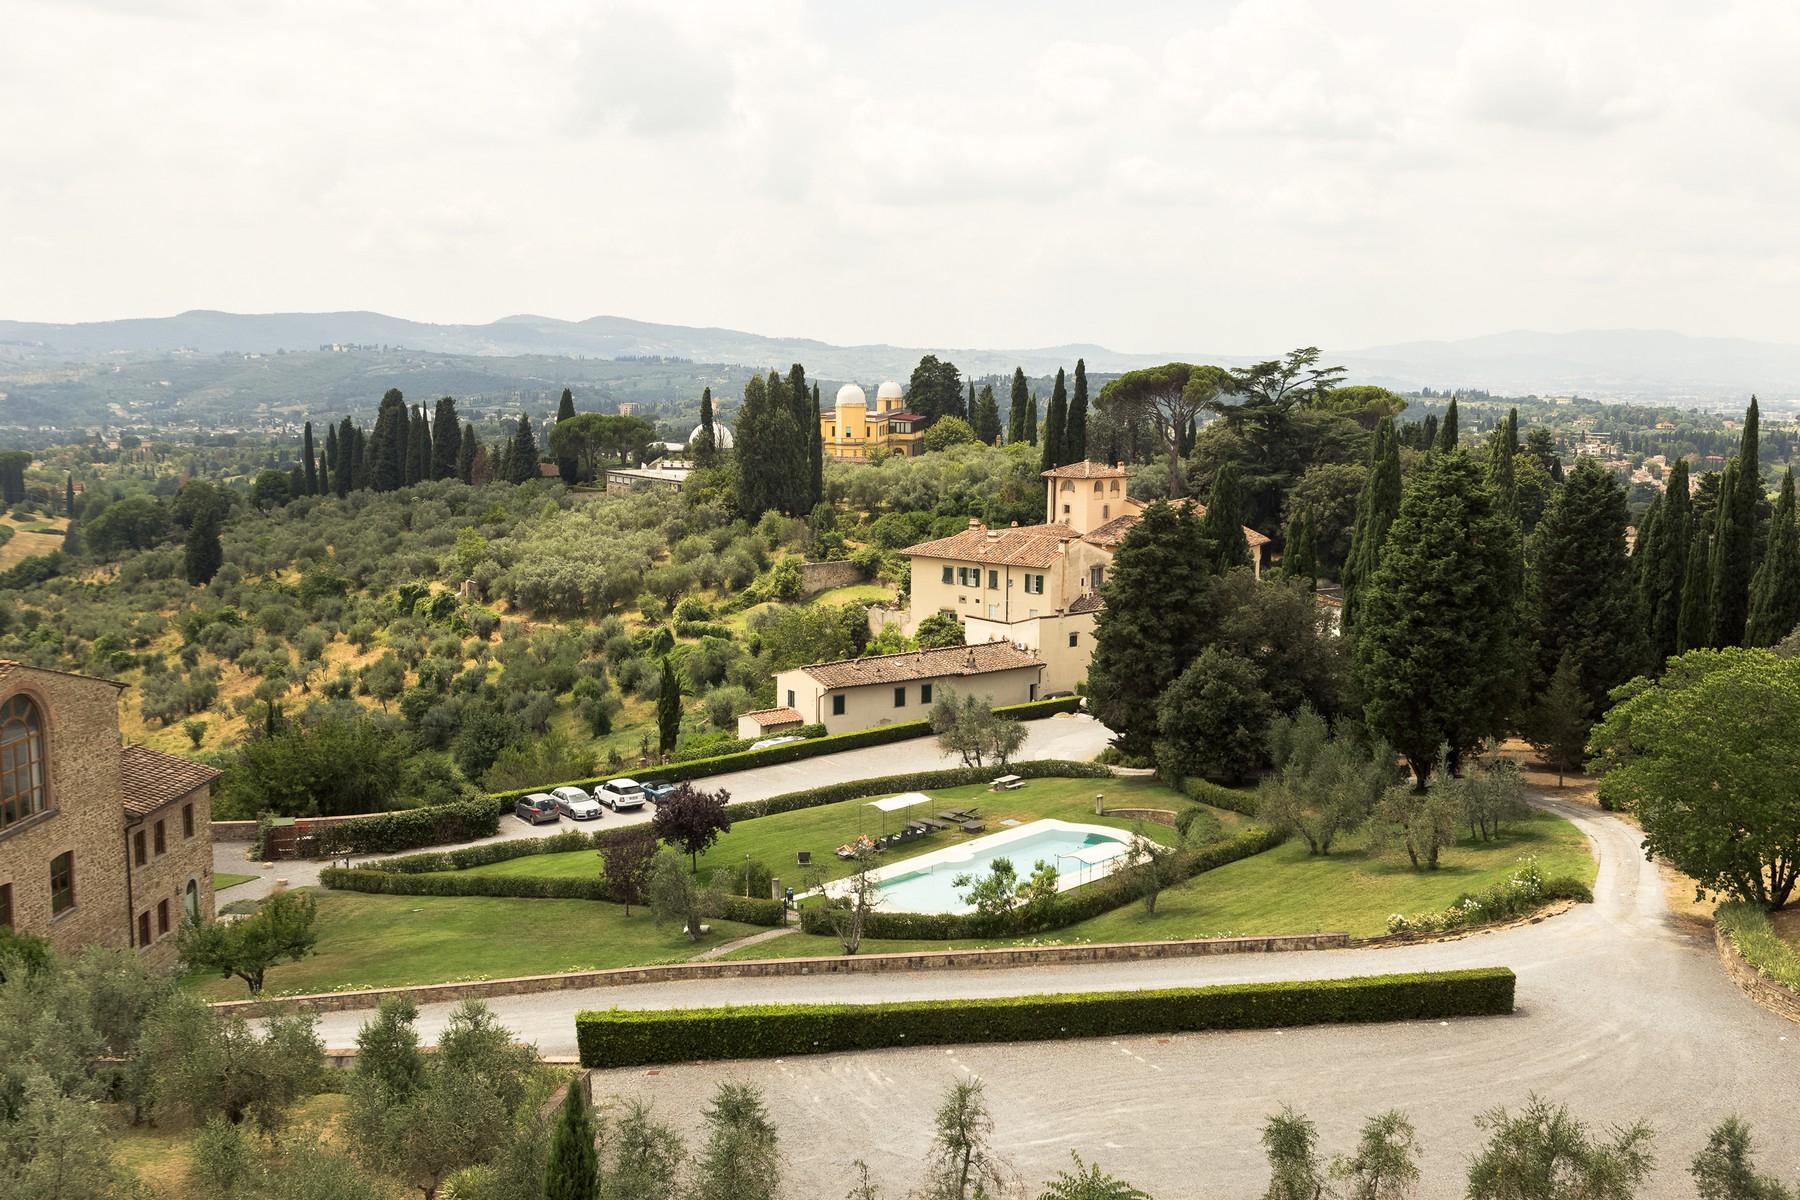 Attico in Vendita a Firenze Semicentro Ovest: 5 locali, 270 mq